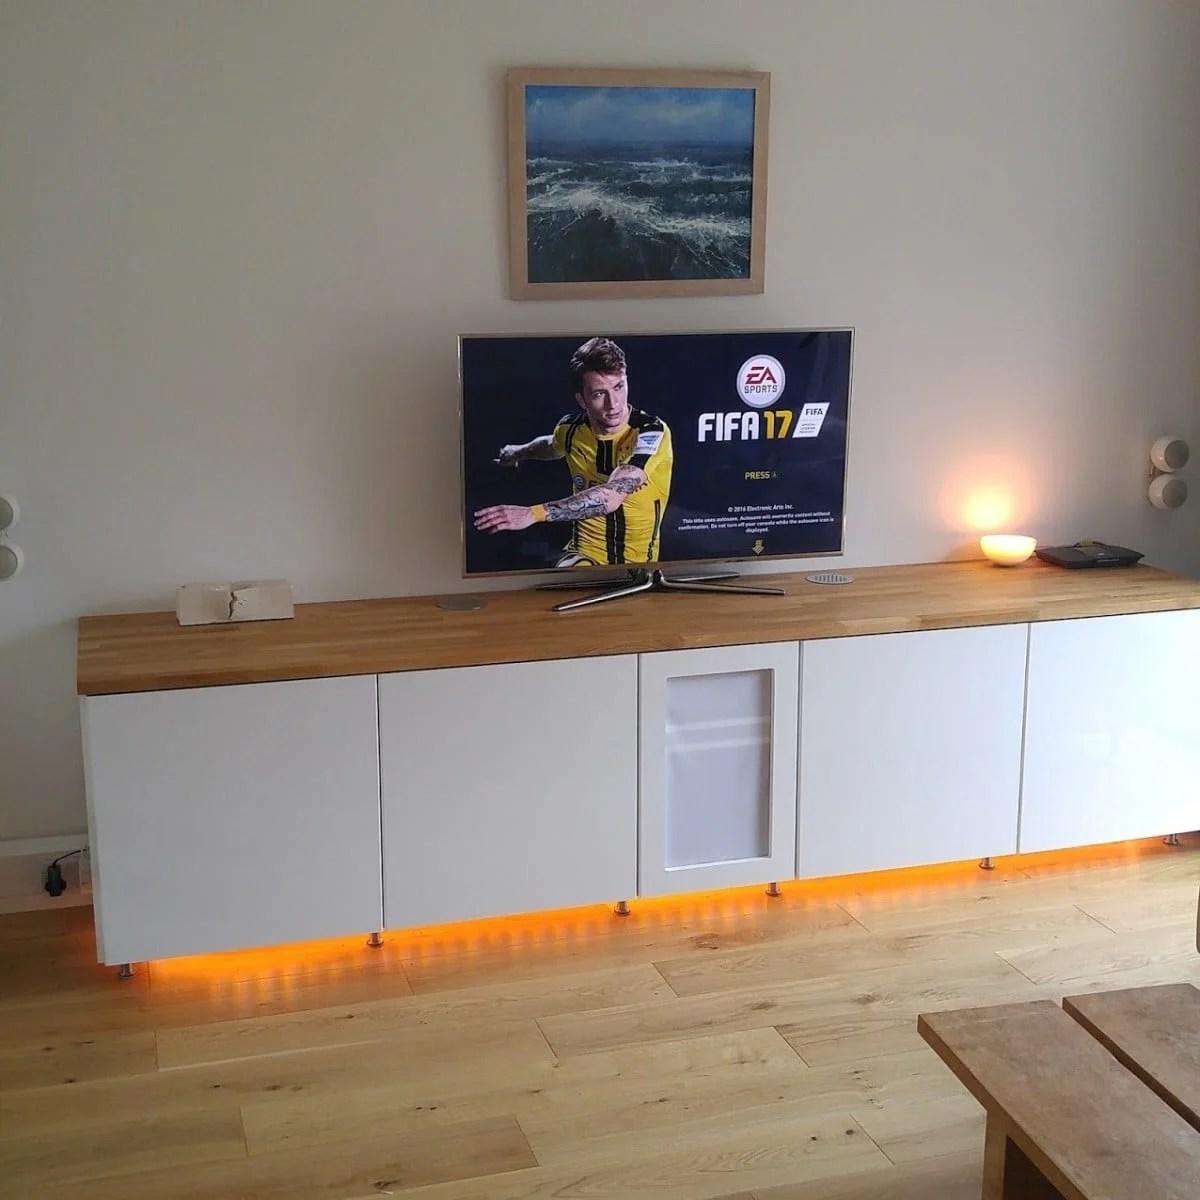 Ikea Kitchen Ads: IKEA METOD Cabinets Into AV Unit